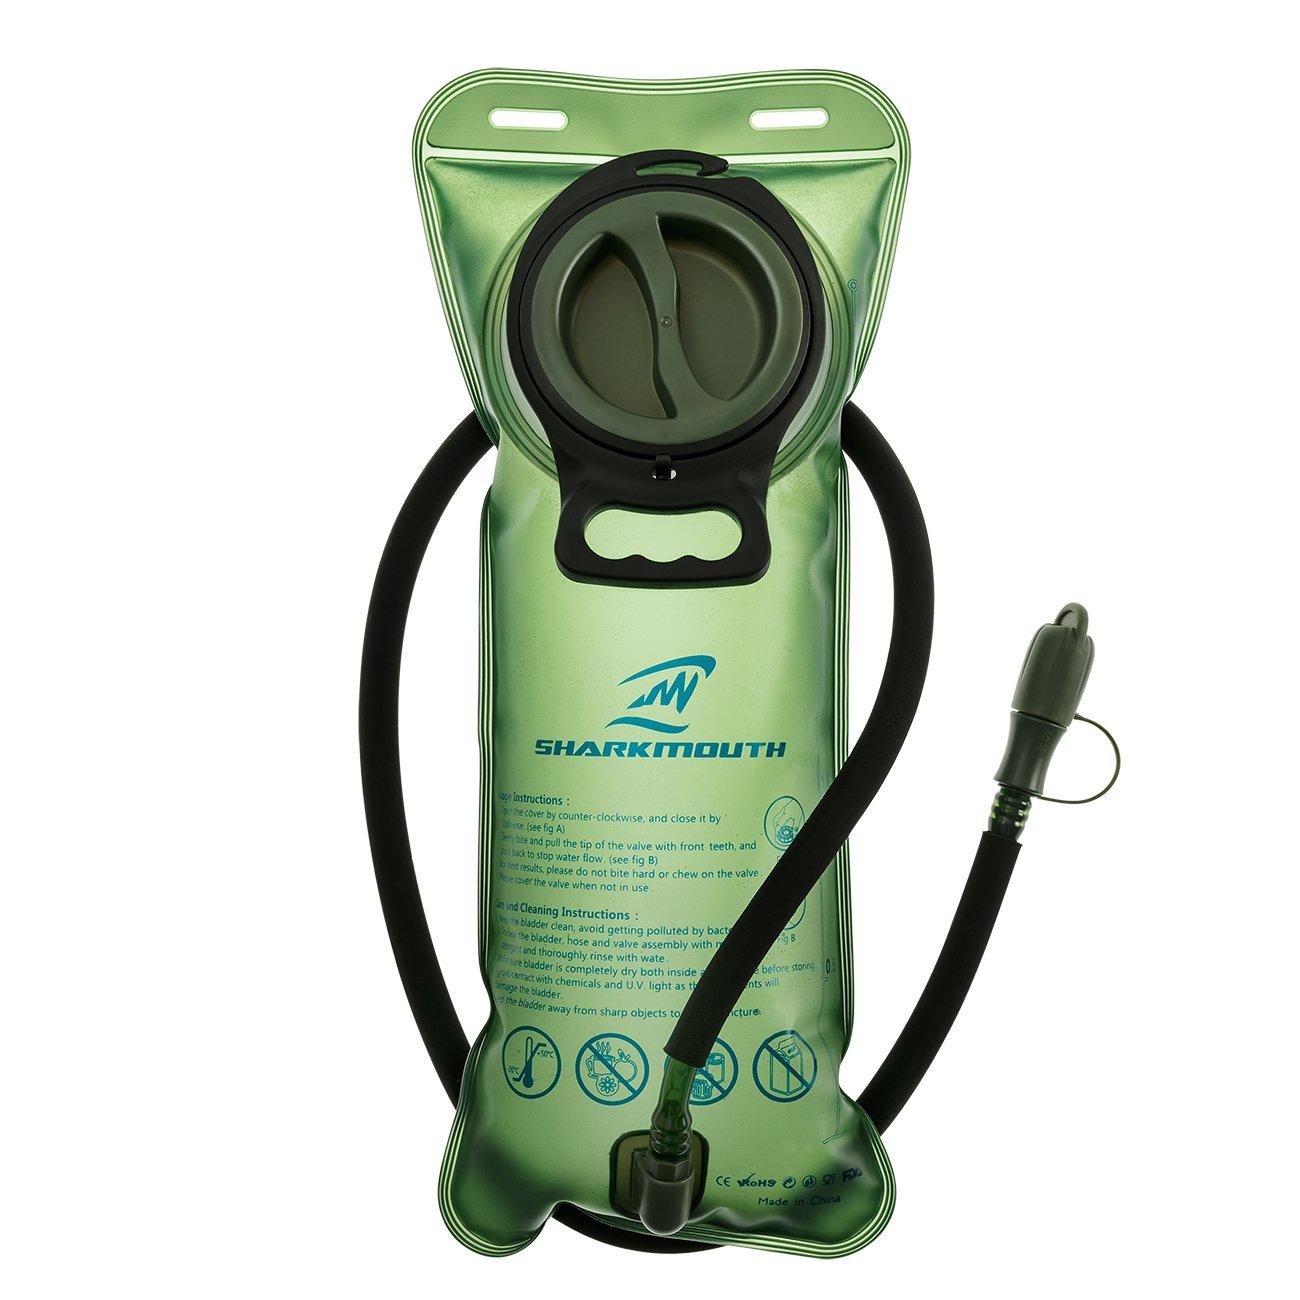 SHARKMOUTH 2 litros de bolsa de hidratación – depósito de agua de repuesto resistente – tapa a prueba de fugas – mejor para senderismo, camping, ciclismo, caza